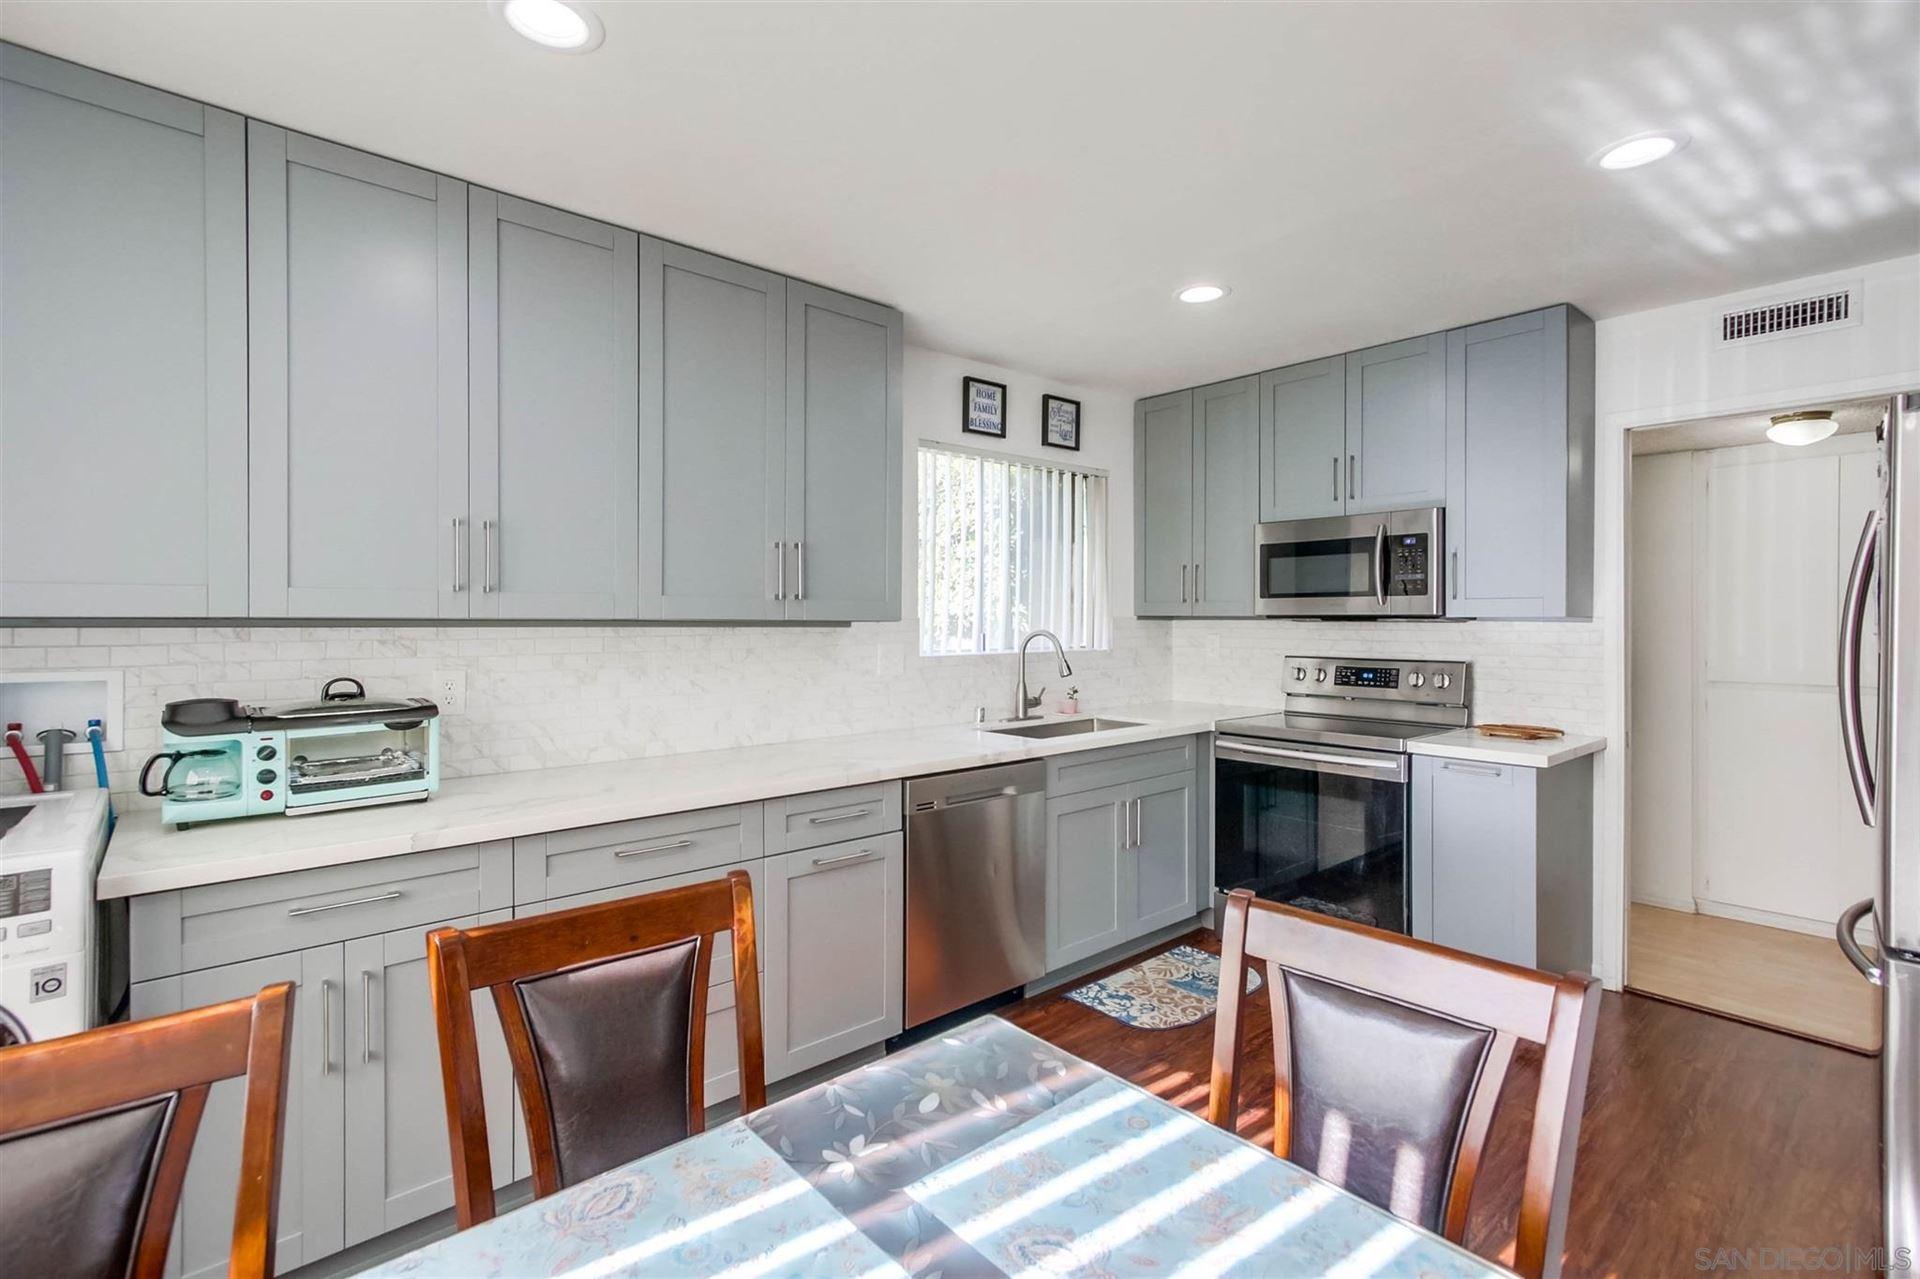 1817 E E Grand Ave #57, Escondido, CA 92027 - MLS#: 200052444